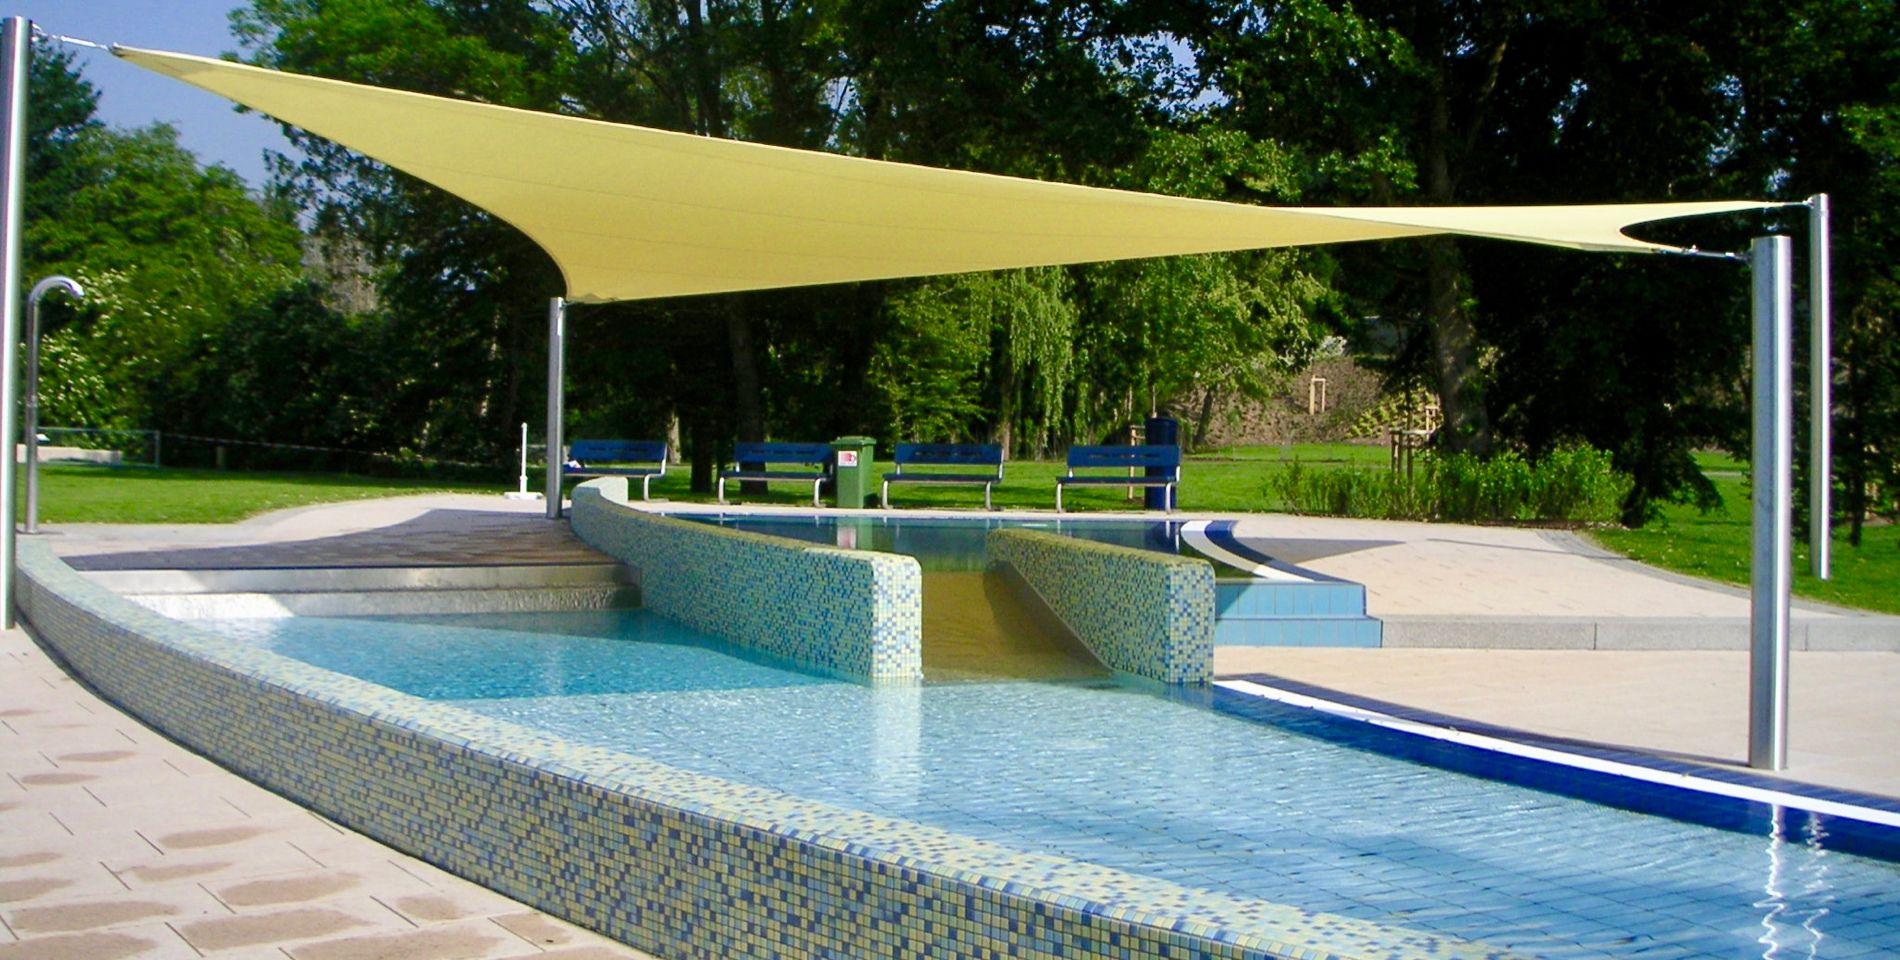 Sonnensegel Fur Schwimmbad Pool Wellness Relais Textilien